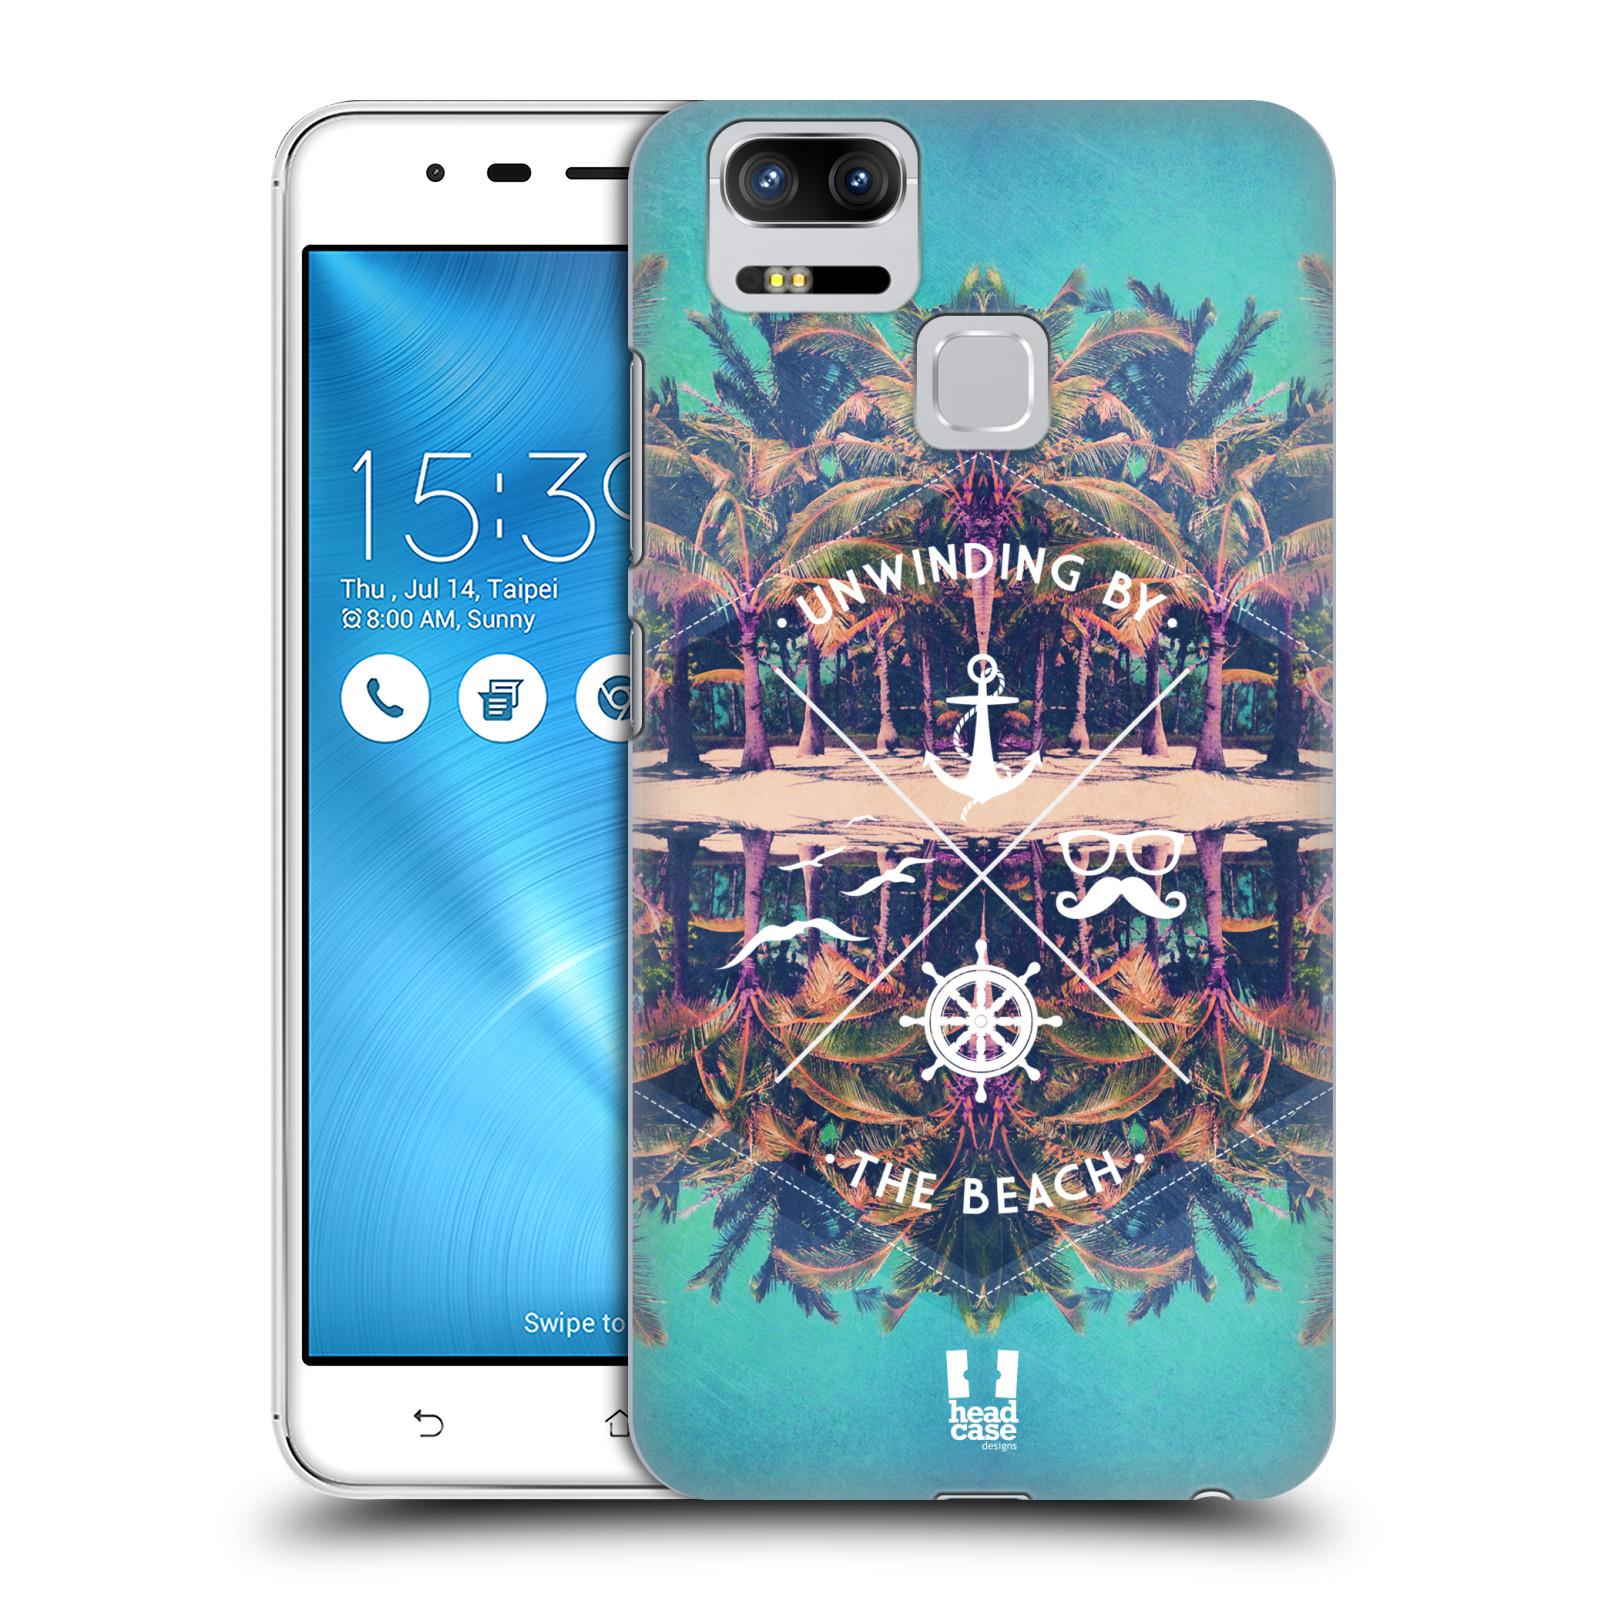 Plastové pouzdro na mobil Asus ZenFone 3 ZOOM ZE553KL - Head Case - Bezvětří (Plastový kryt či obal na mobilní telefon Asus ZenFone 3 ZOOM ZE553KL s motivem Bezvětří)